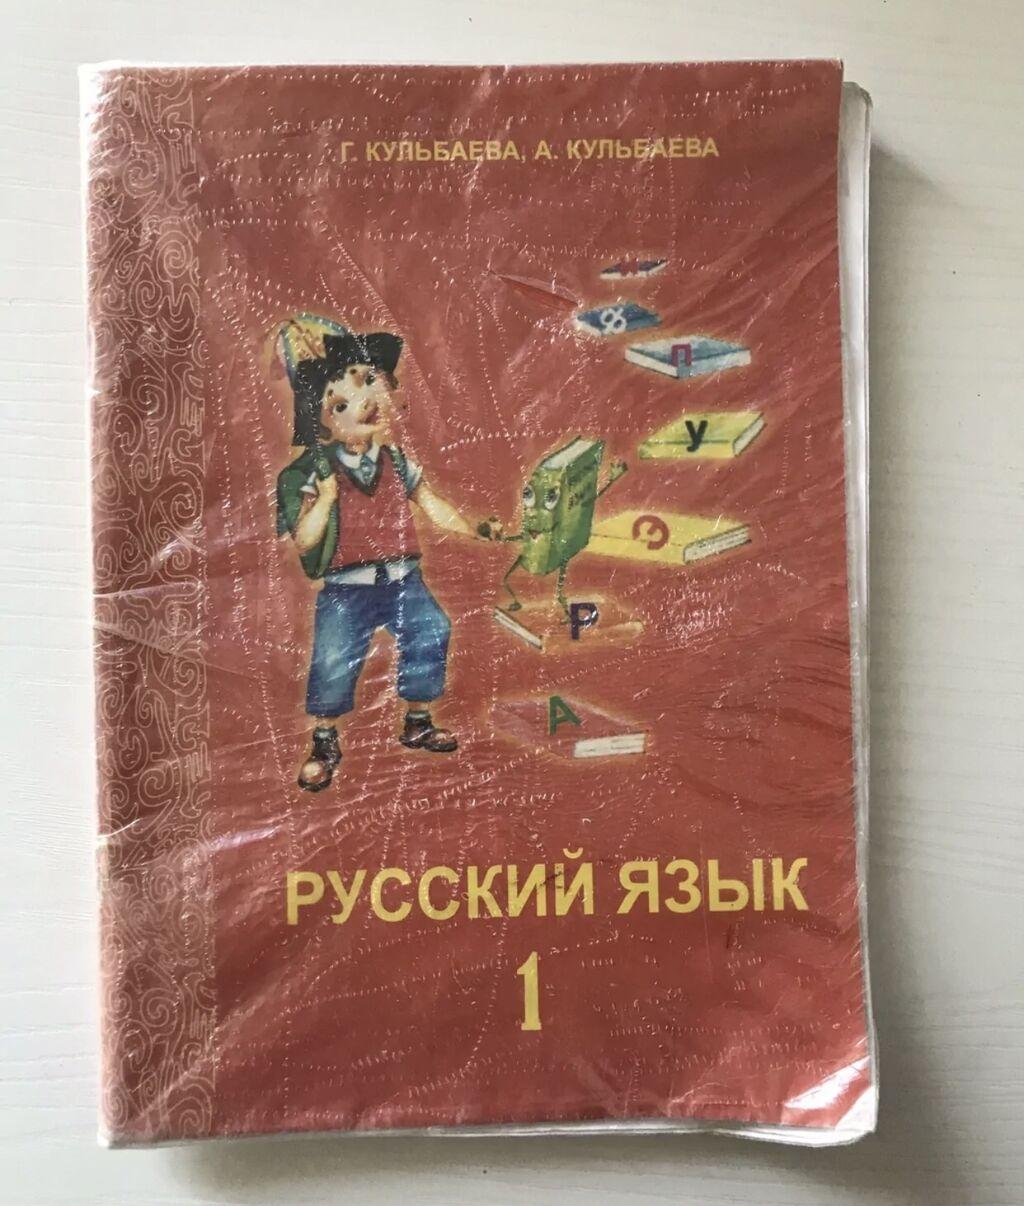 Русский язык 1класс КНИГА г. кульбанва, а кульбаева: Русский язык 1класс КНИГА г. кульбанва, а кульбаева